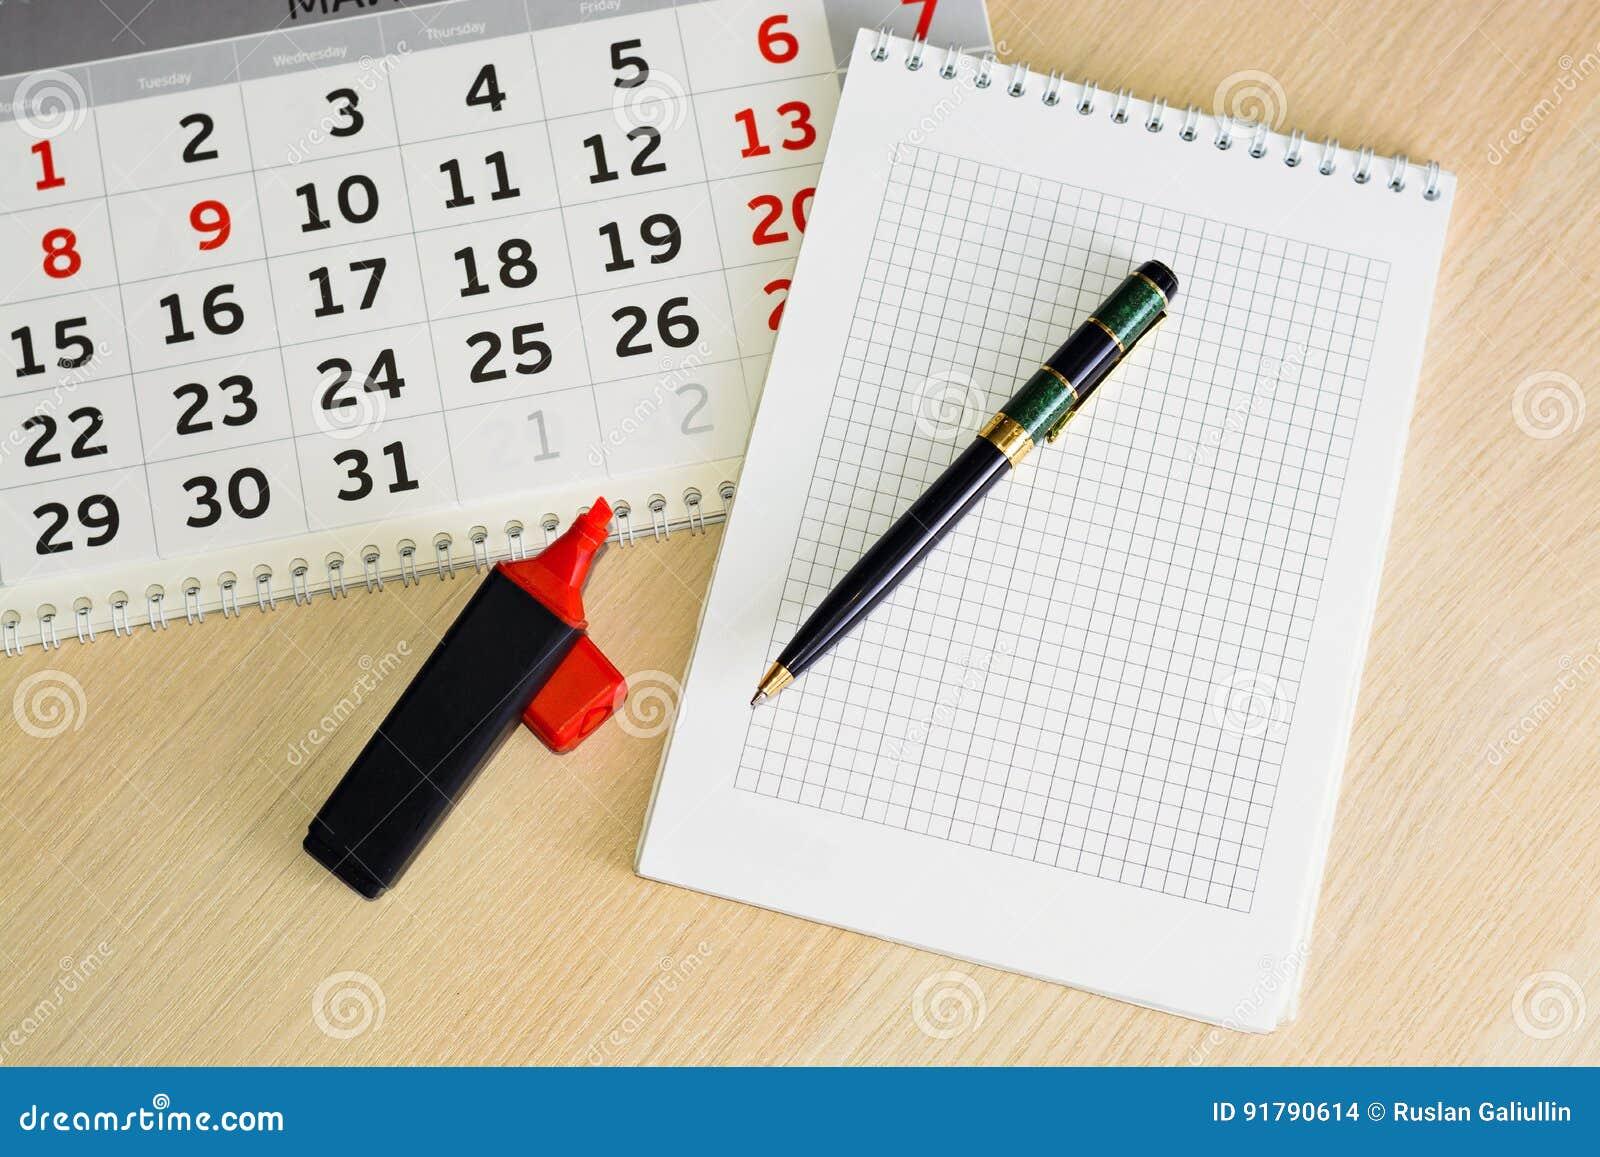 Close-upkalender concept de planning, telt de dagen, tijdbeheer